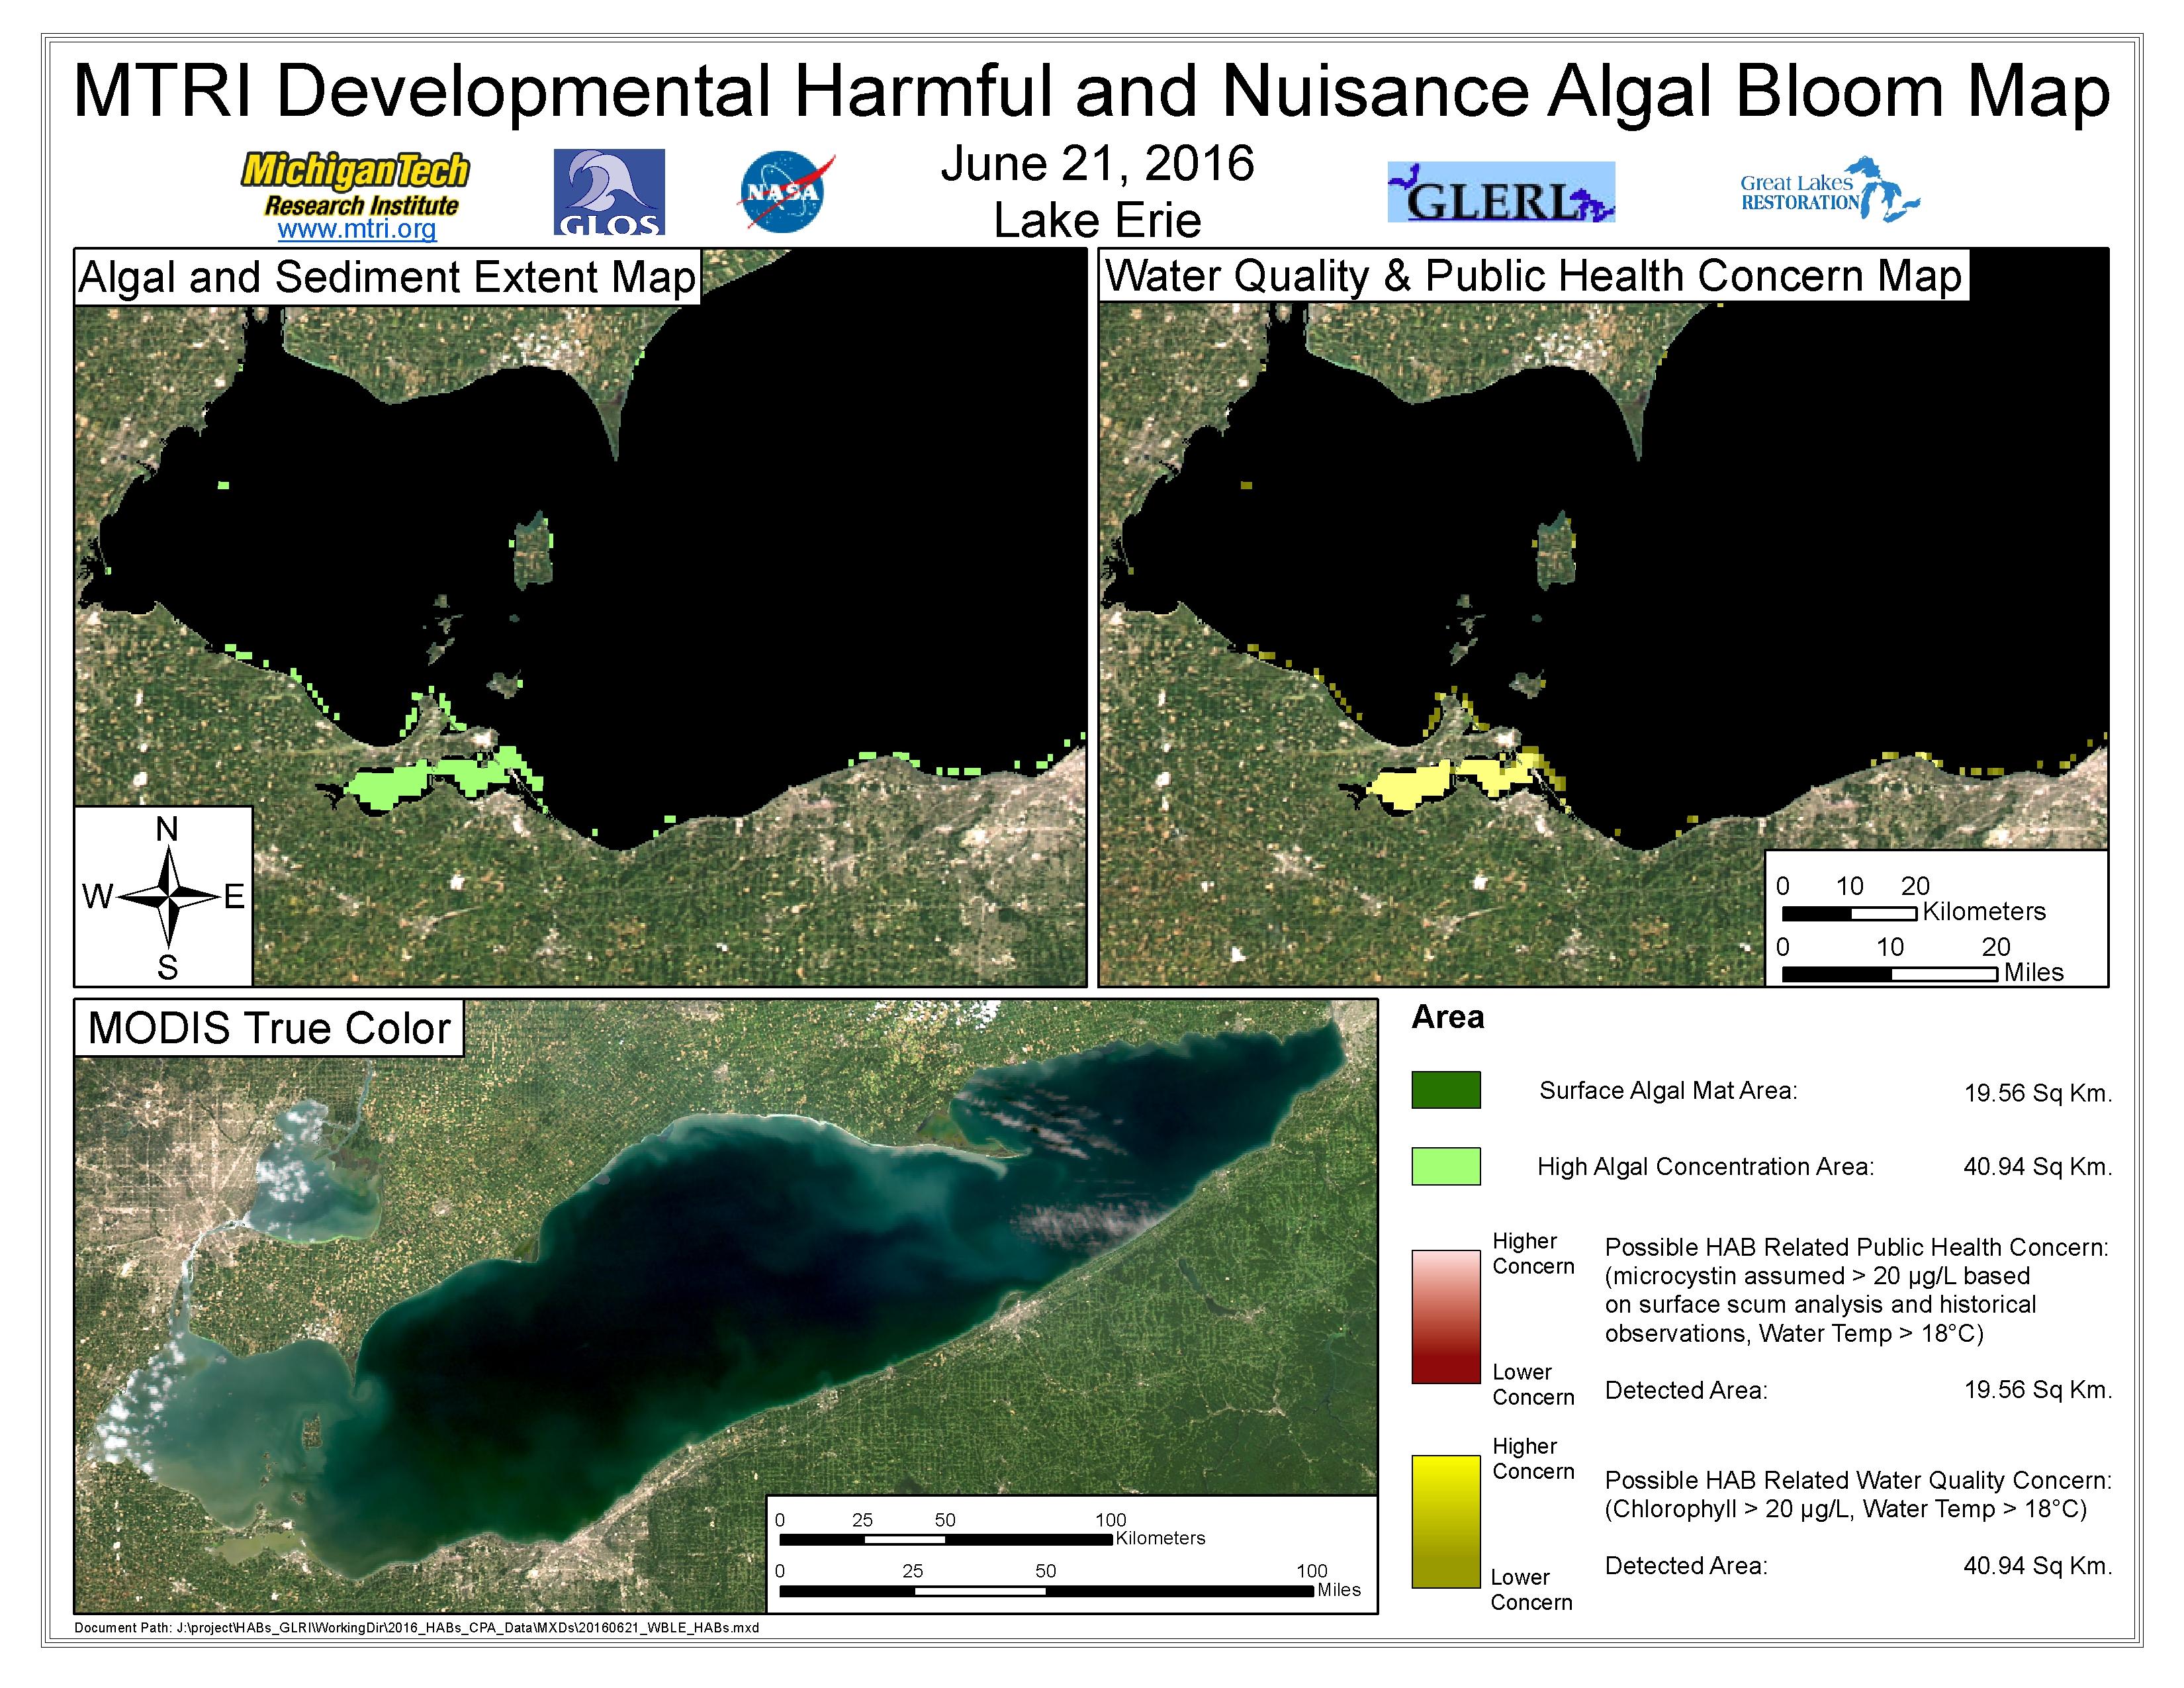 MODIS Aqua retrieval June 21, 2016